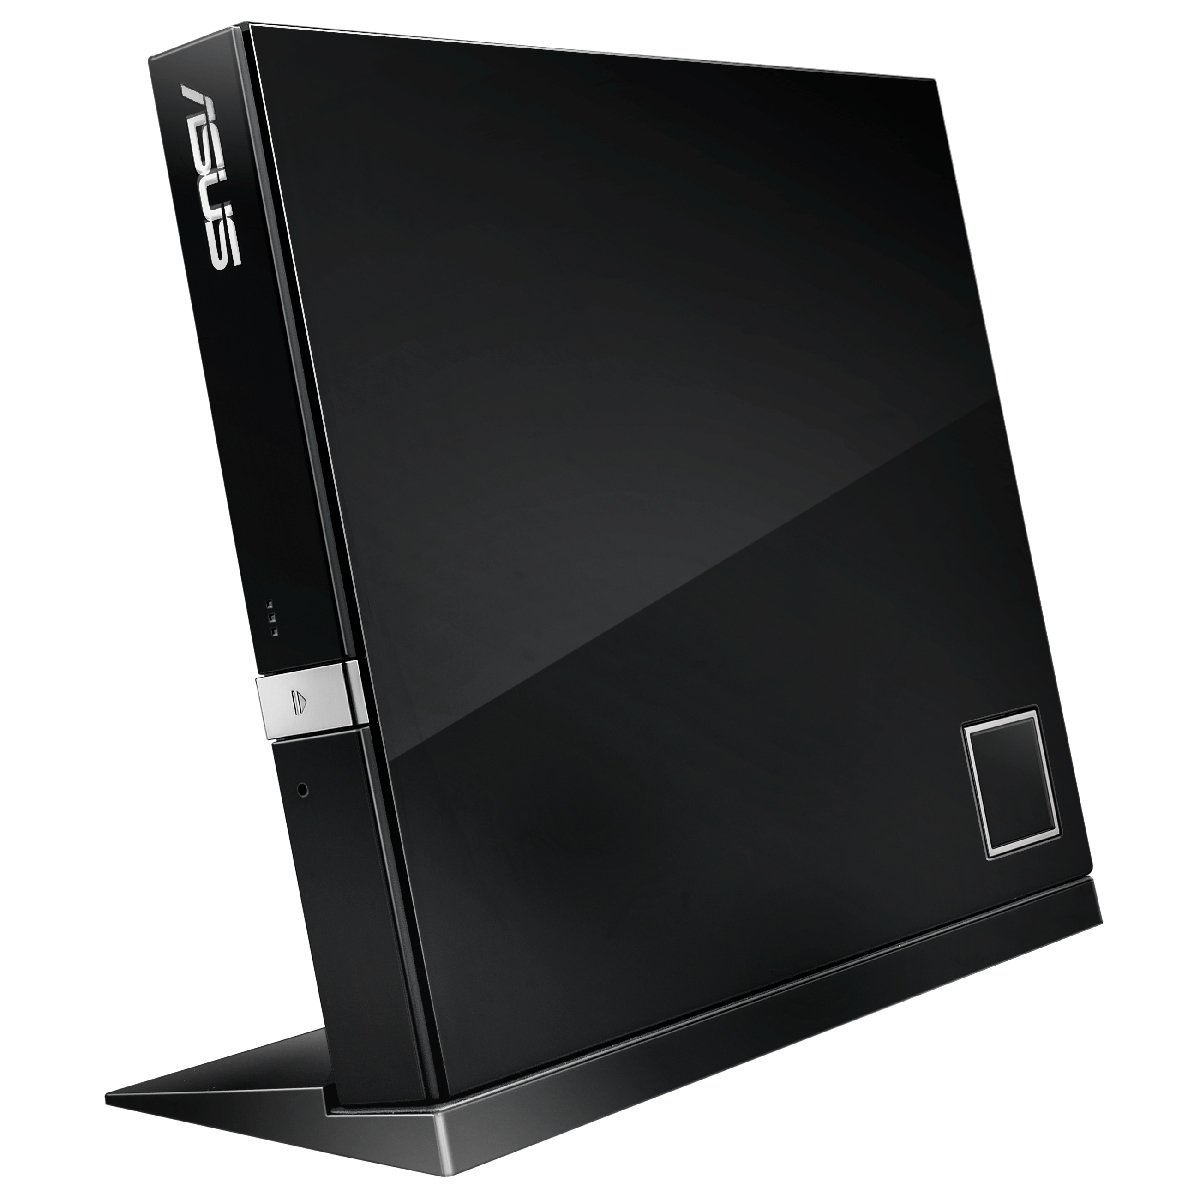 Lecteur - graveur externe CD-DVD ASUSTEK SDRW08D2S NOIR